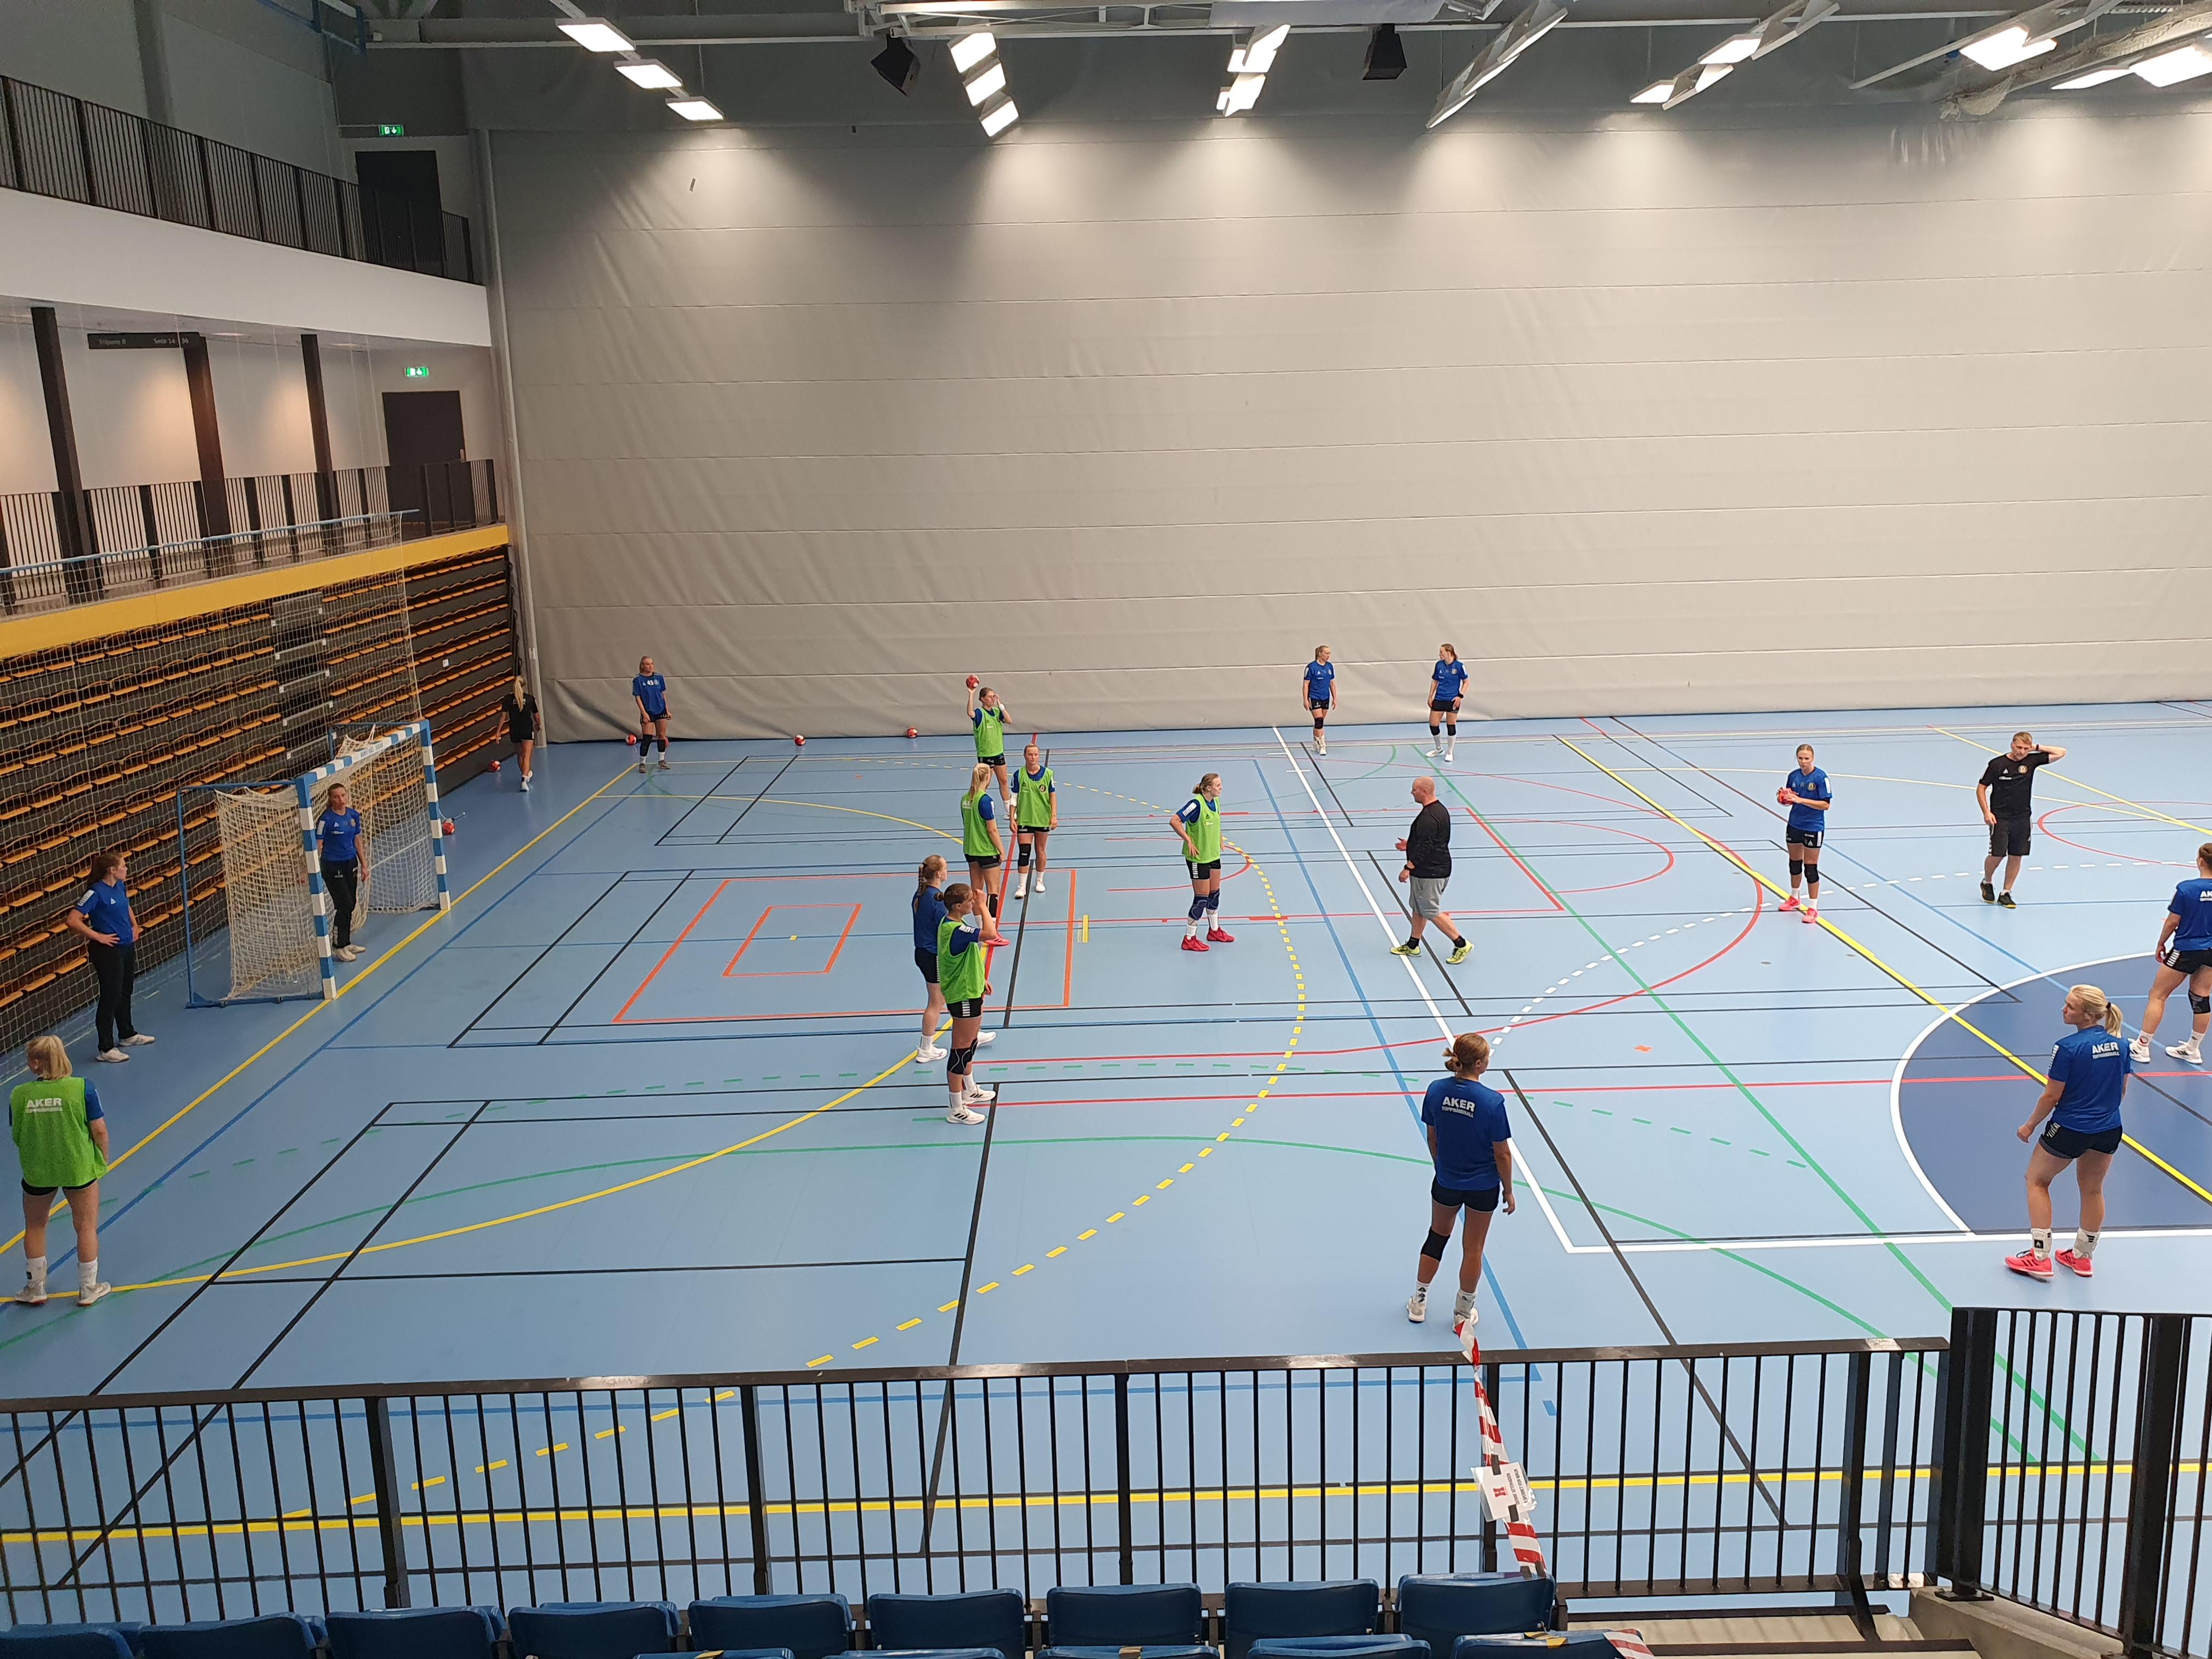 Aker topphåndball på treningsleir i Hønefoss Arena